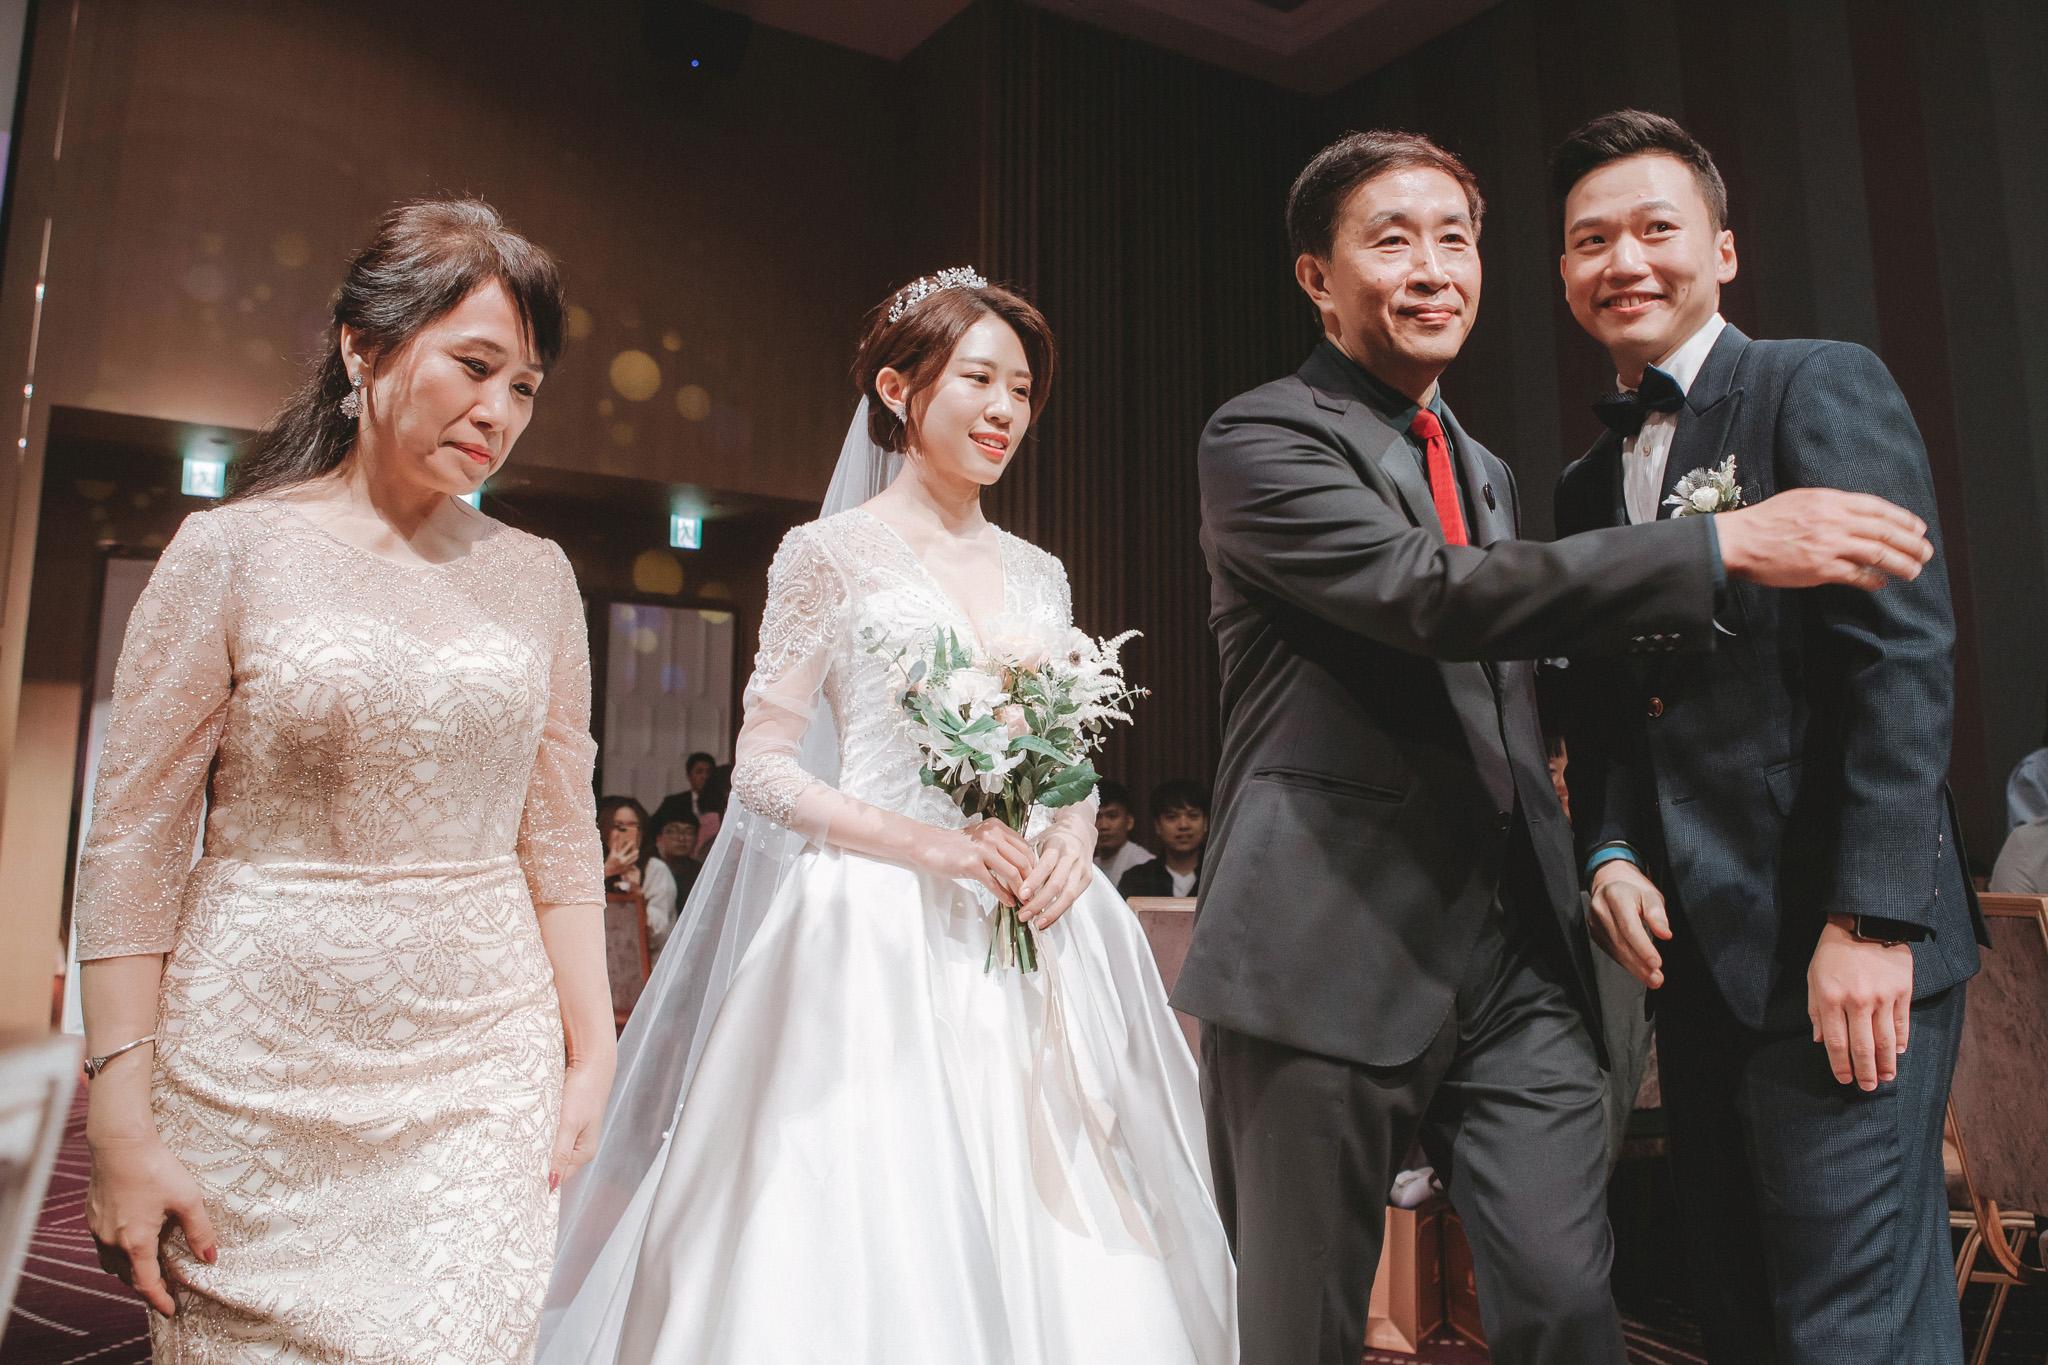 EW 居米 台北婚宴 台北婚紗 台北婚攝 國泰萬怡 台北婚禮 -29